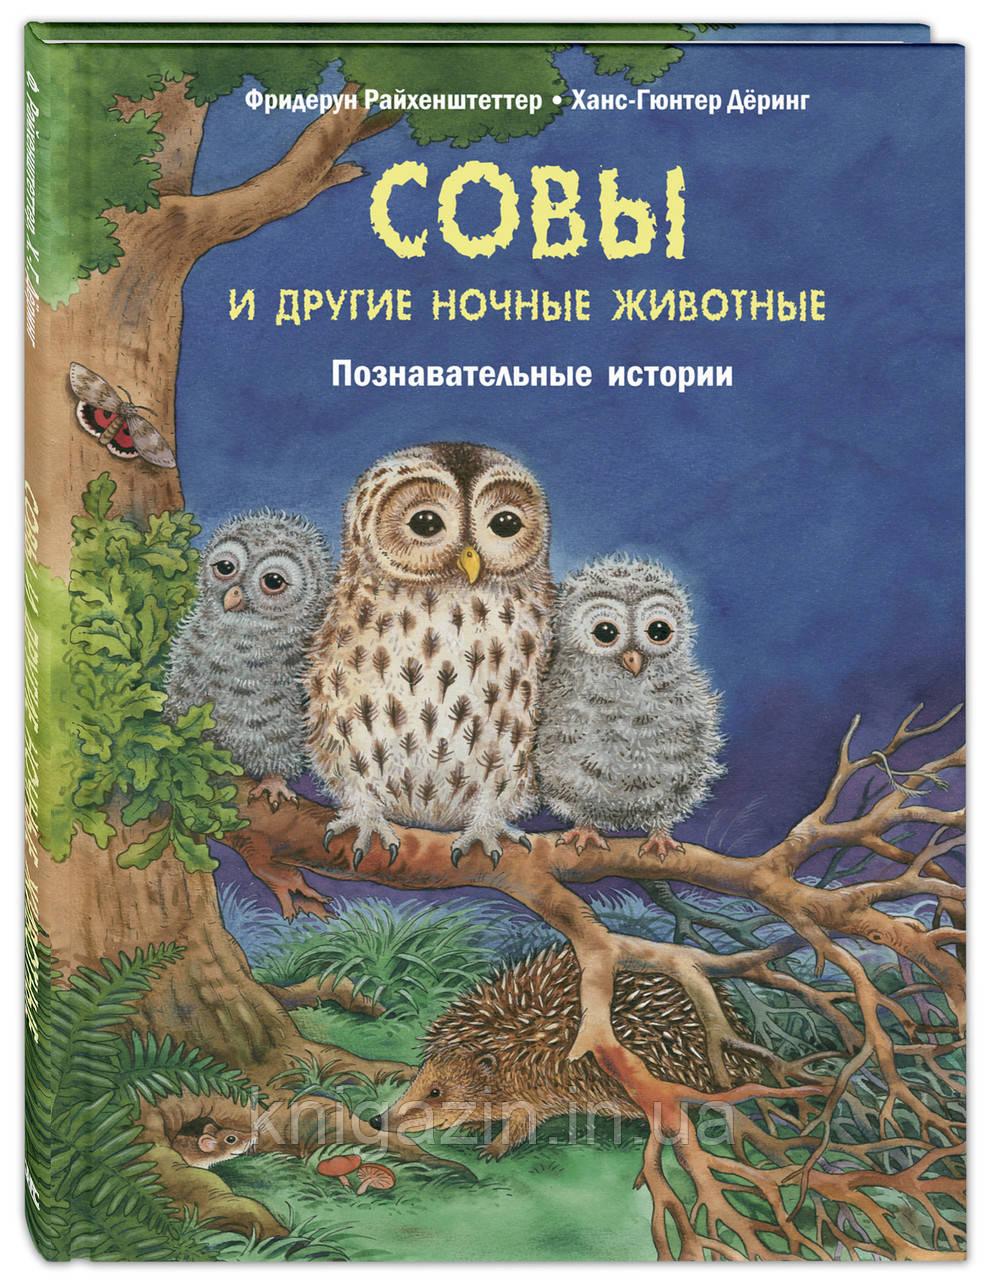 Книга Совы и другие ночные животные. Познавательные истории